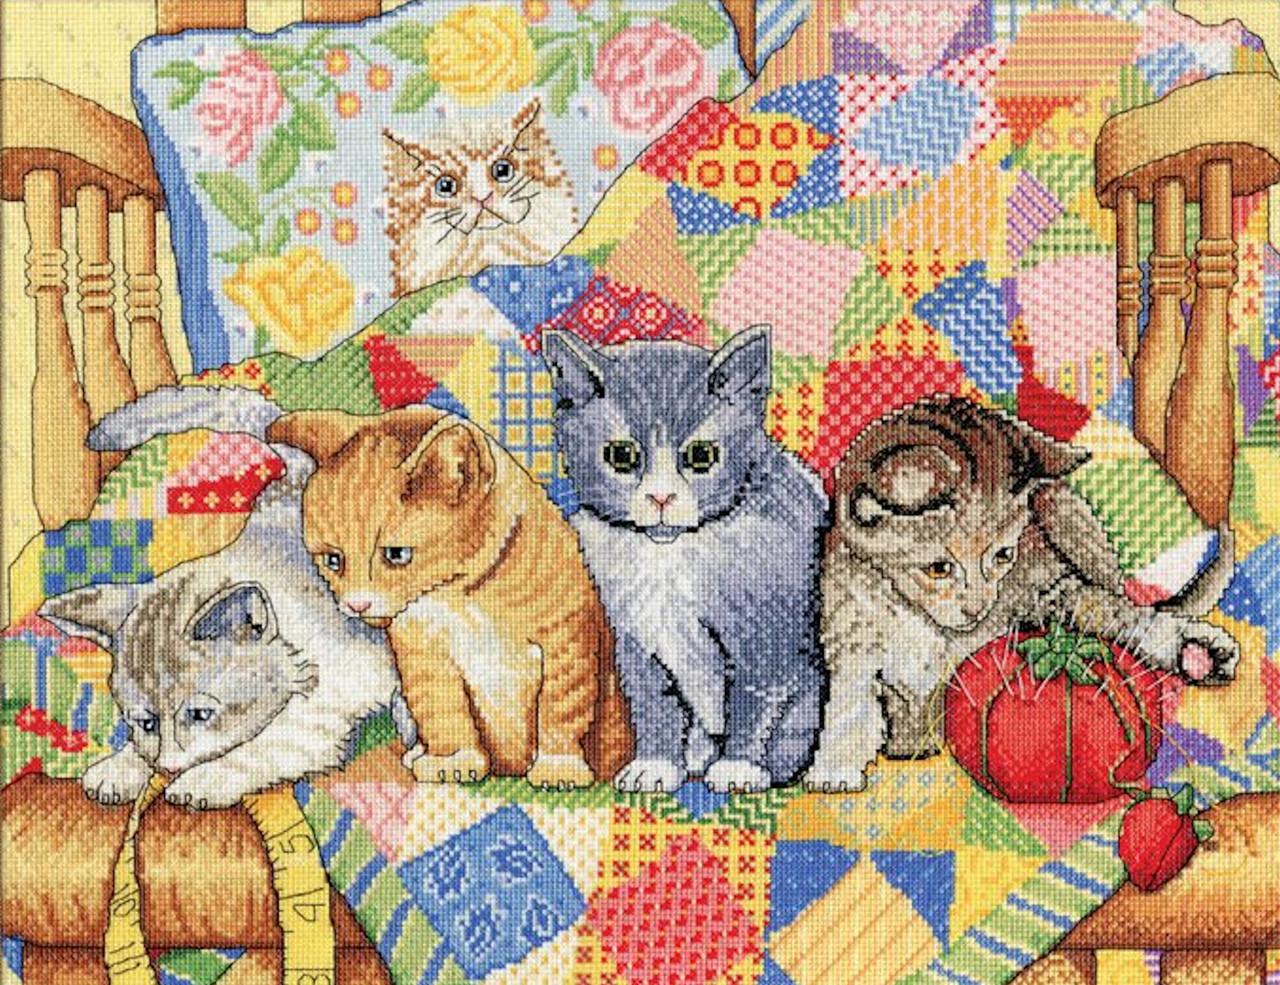 Design Works Rocking Chair Kittens